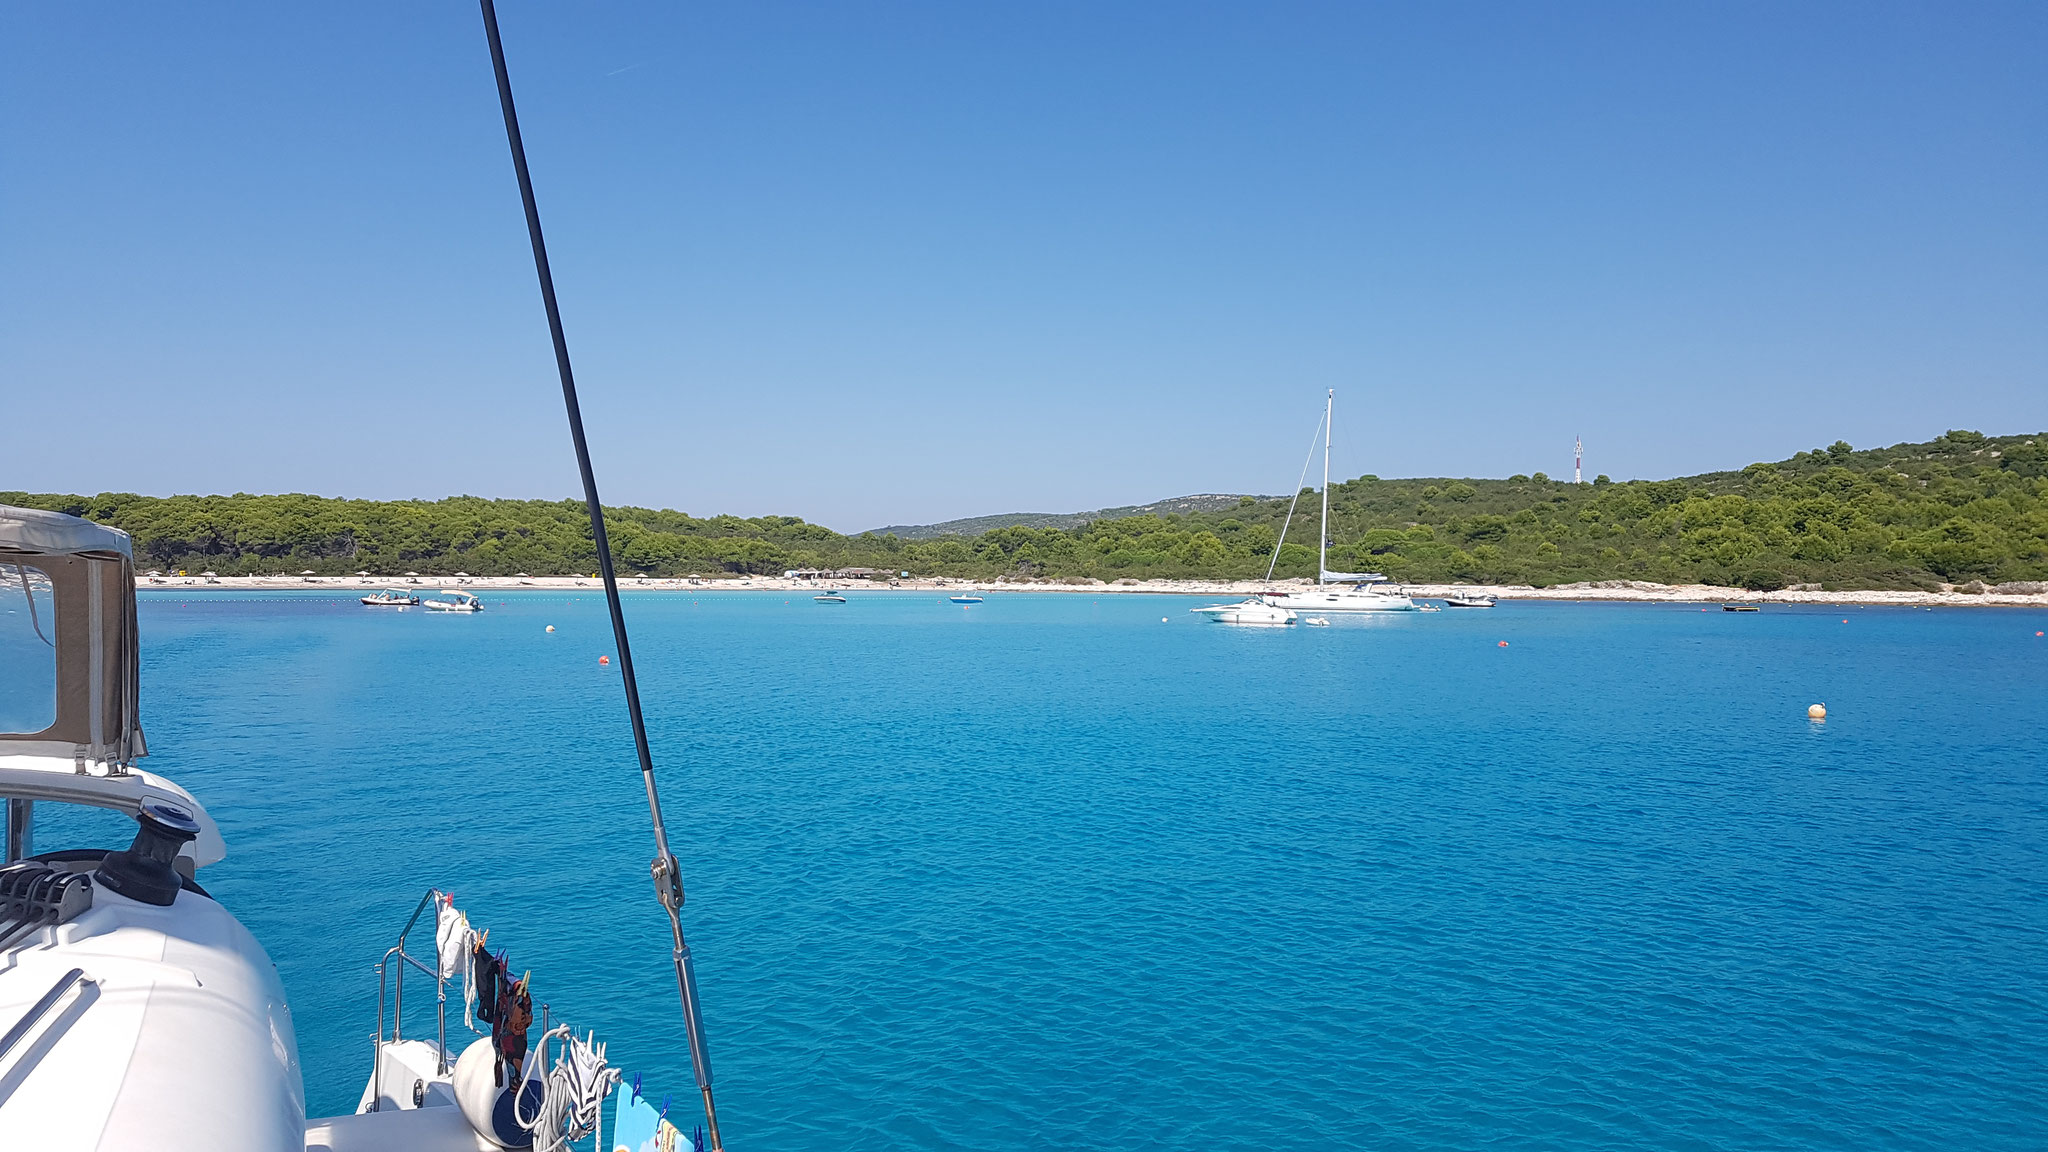 Türkis-blaue Bucht auf Dugi Otok